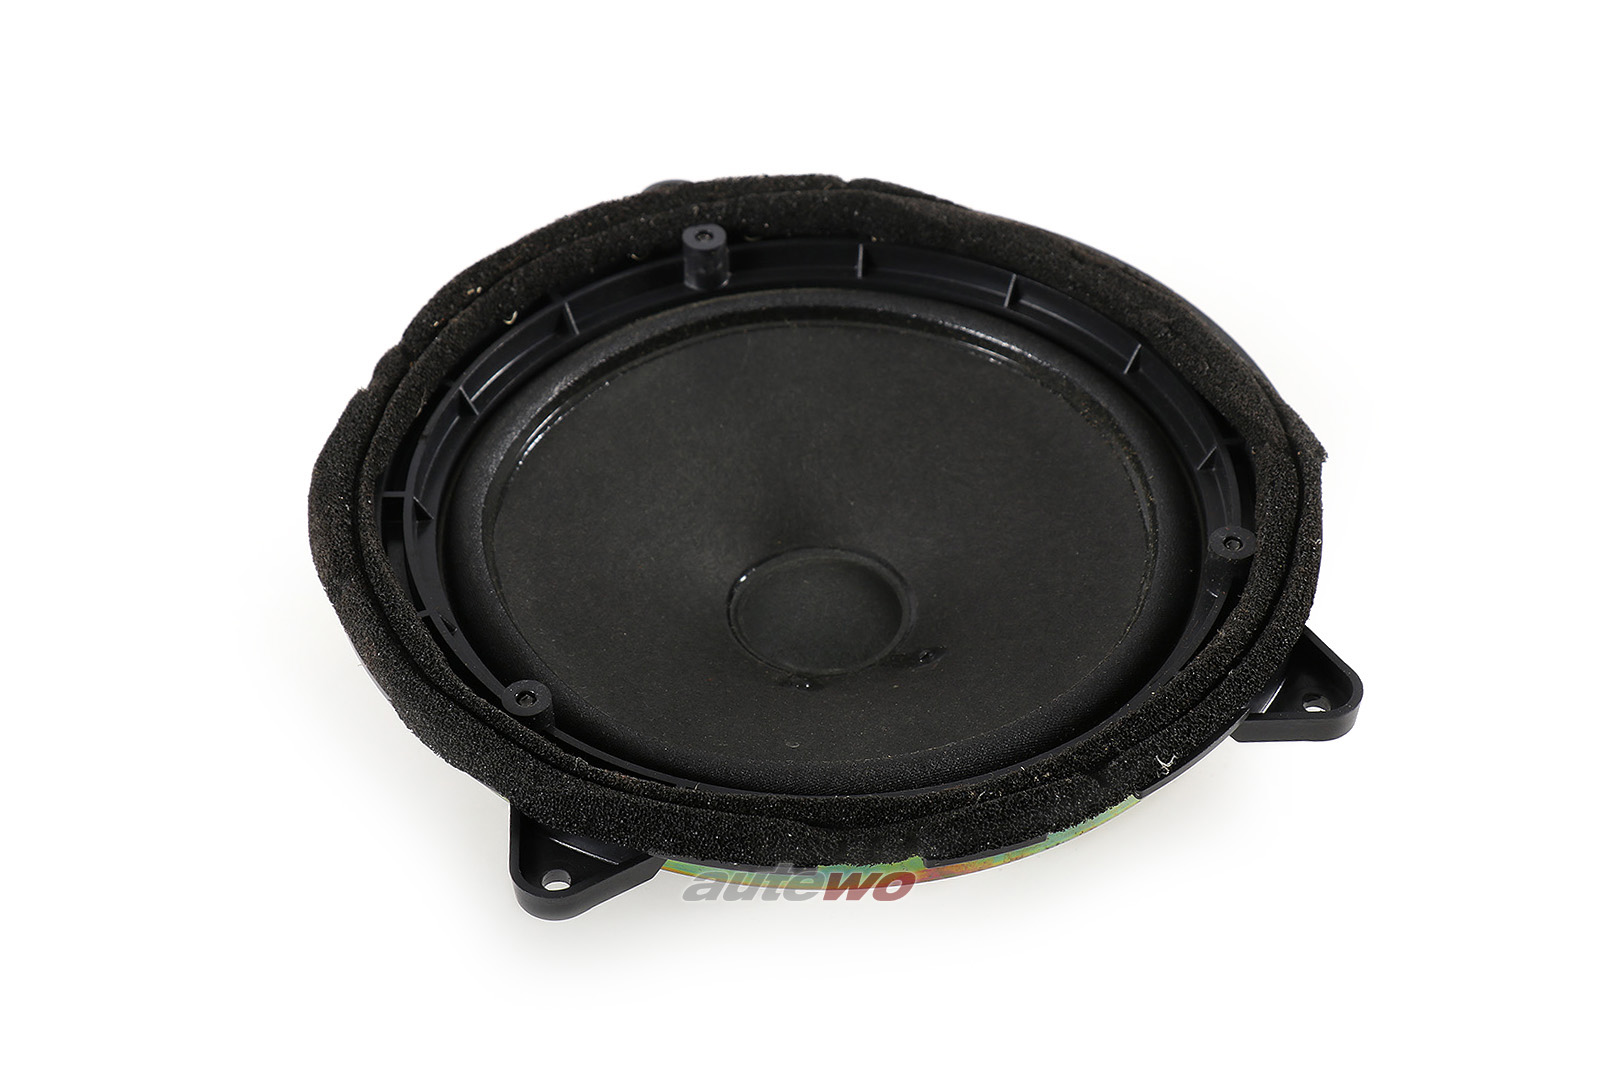 8D9035412C Audi A4/S4/RS4 B5 Lautsprecher Tür für BOSE-Soundsystem Hinten